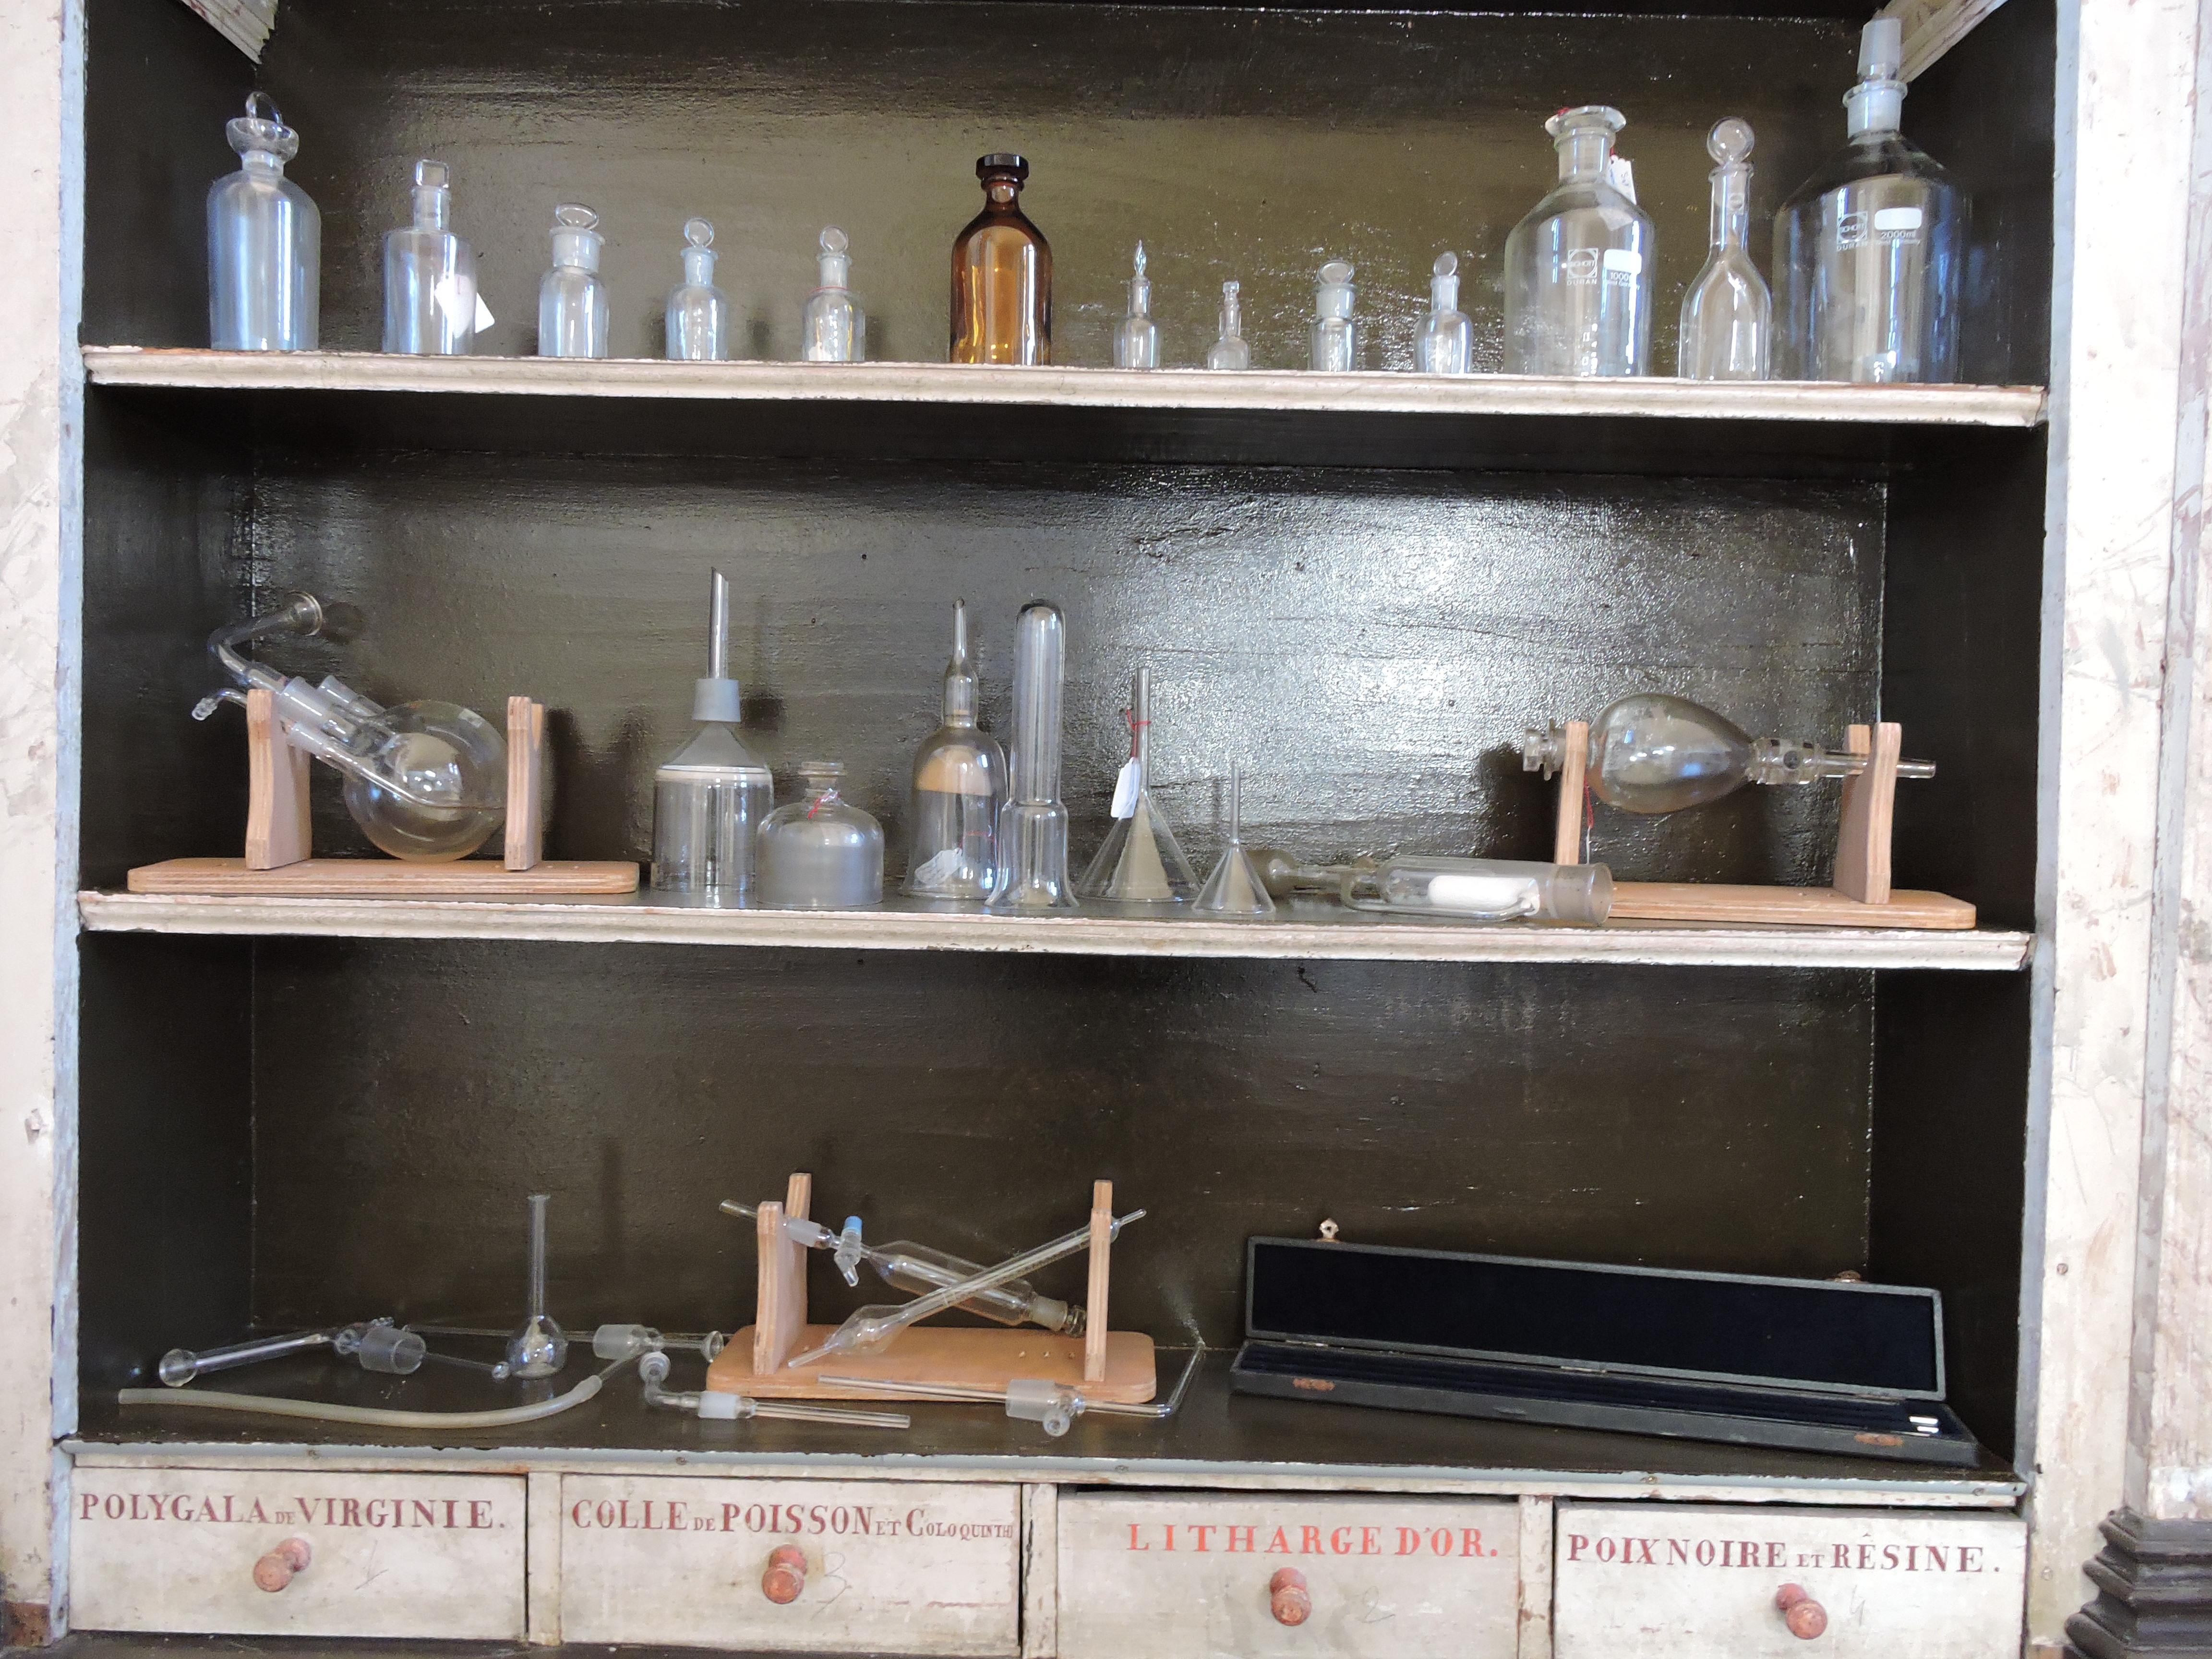 Salle du Père Eternel: l'armoire d'apothicairerie et son exposition de verrerie biologique